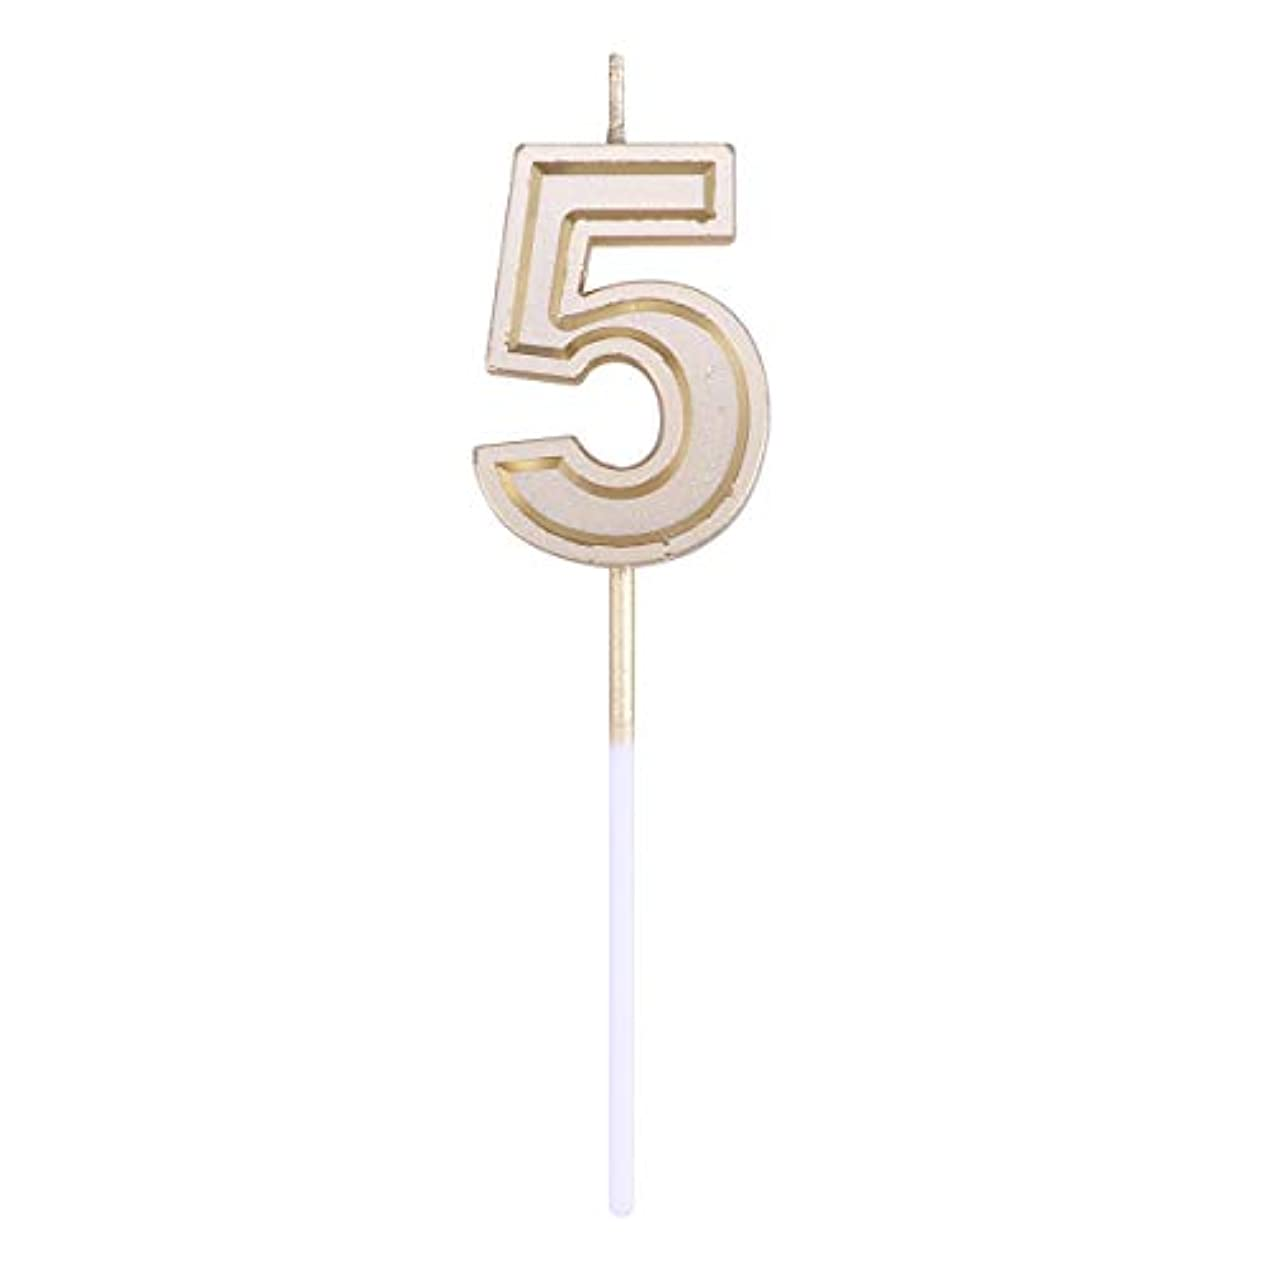 いたずらな天ドループToyvian ゴールドラメ誕生日おめでとう数字キャンドル番号キャンドルケーキトッパー装飾用大人キッズパーティー(5)